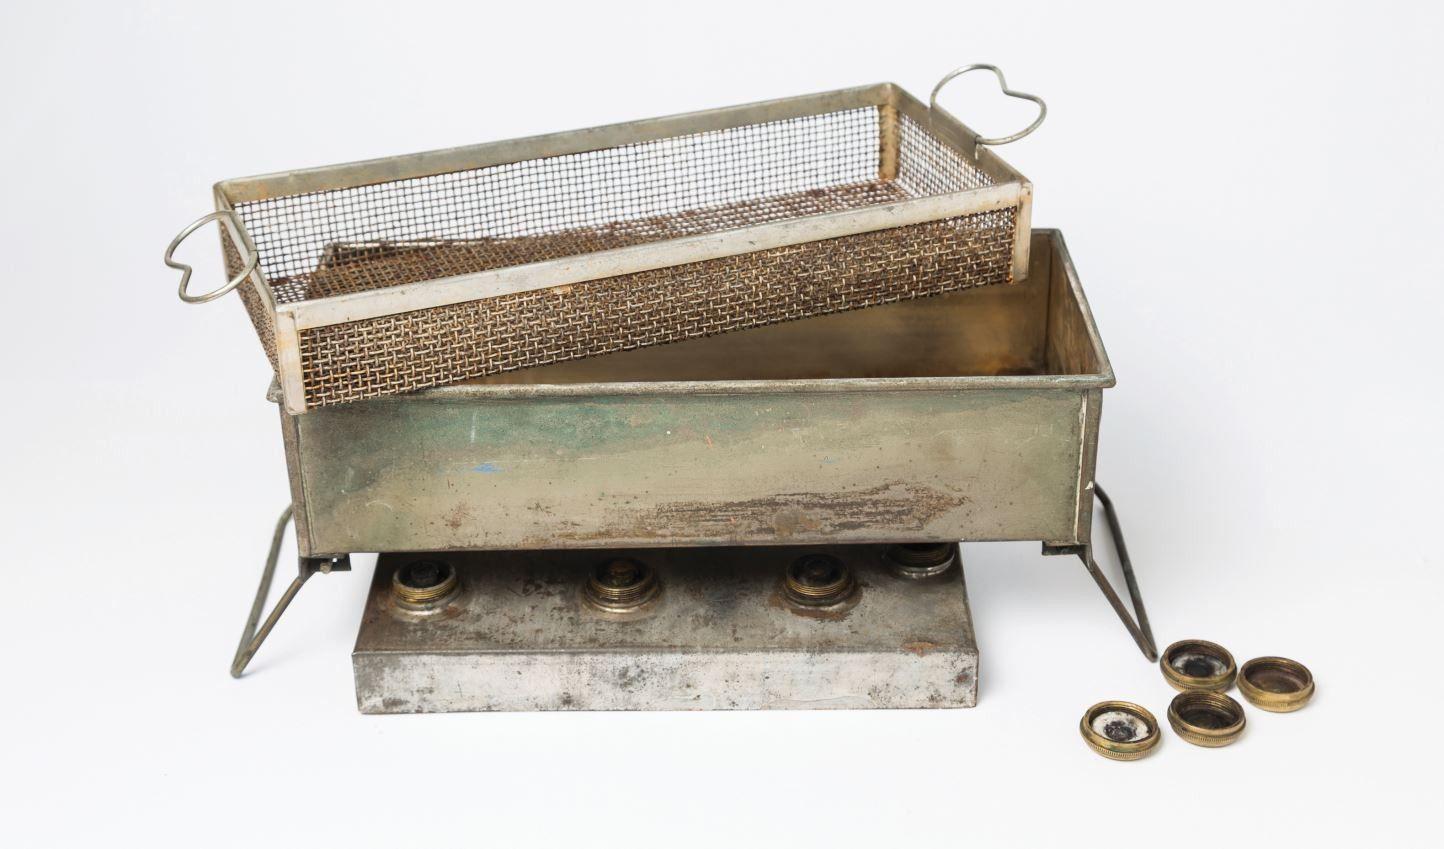 old dental instrument cleaner